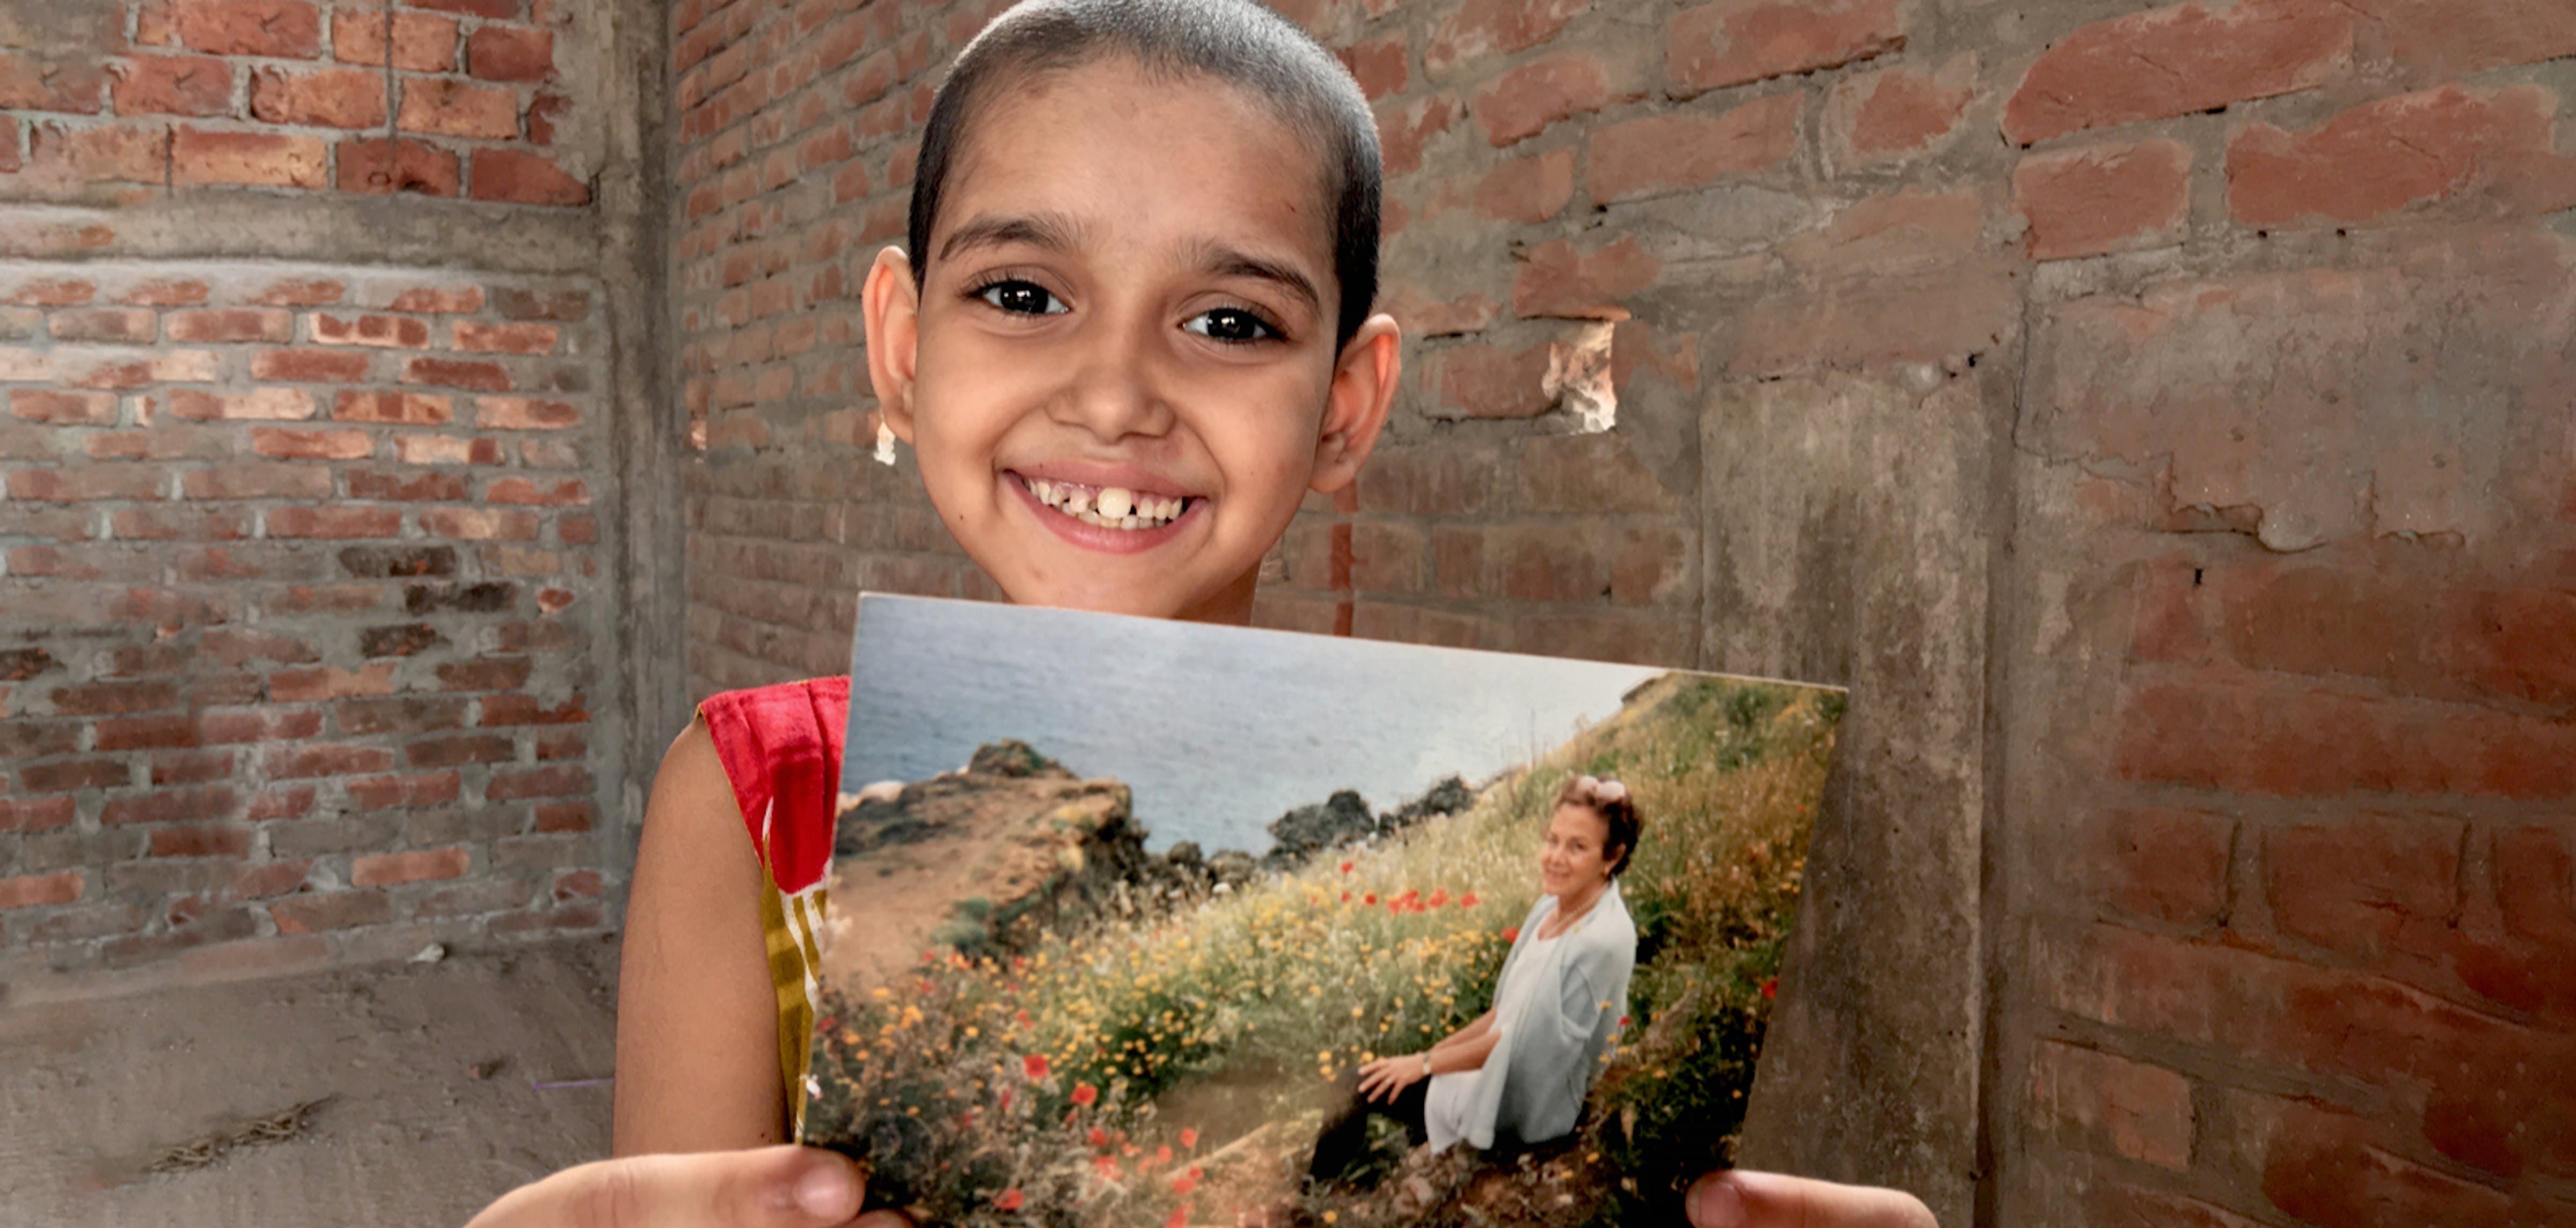 Bambina tiene in mano la foto di una donna